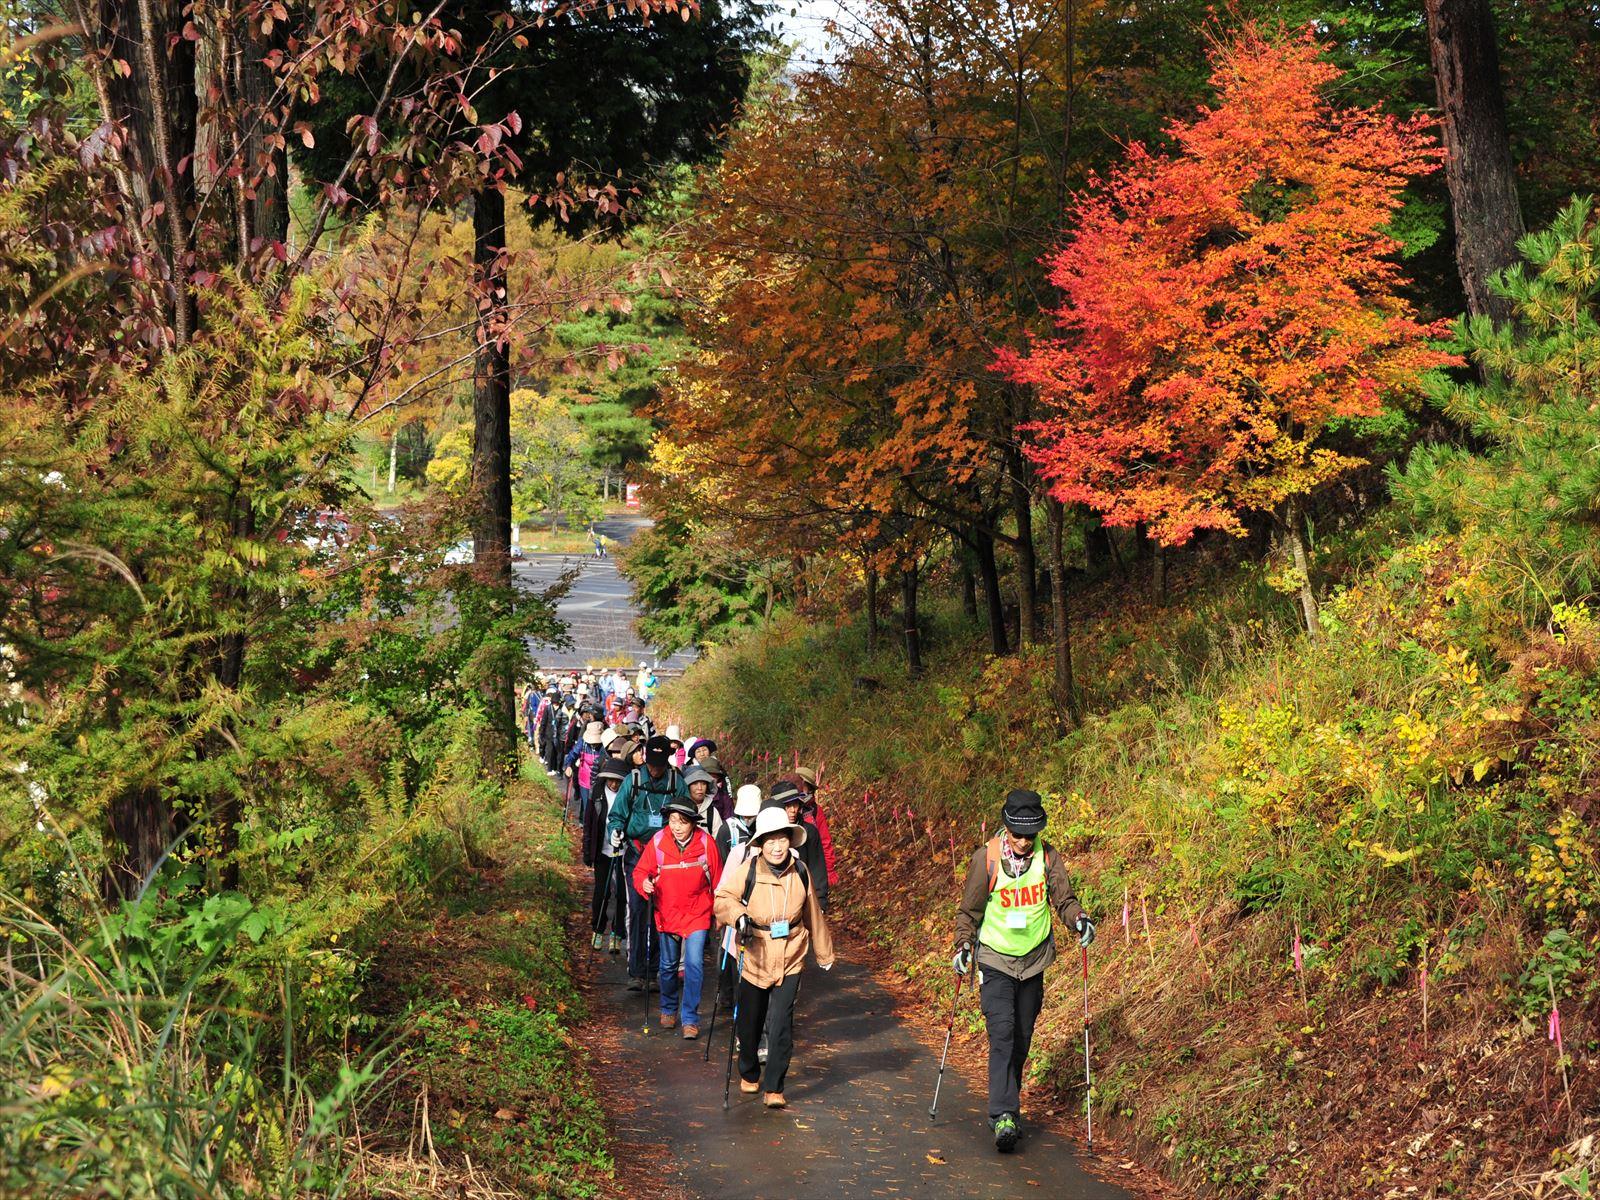 塩嶺王城県立自然公園日本土真ん中ウォーク